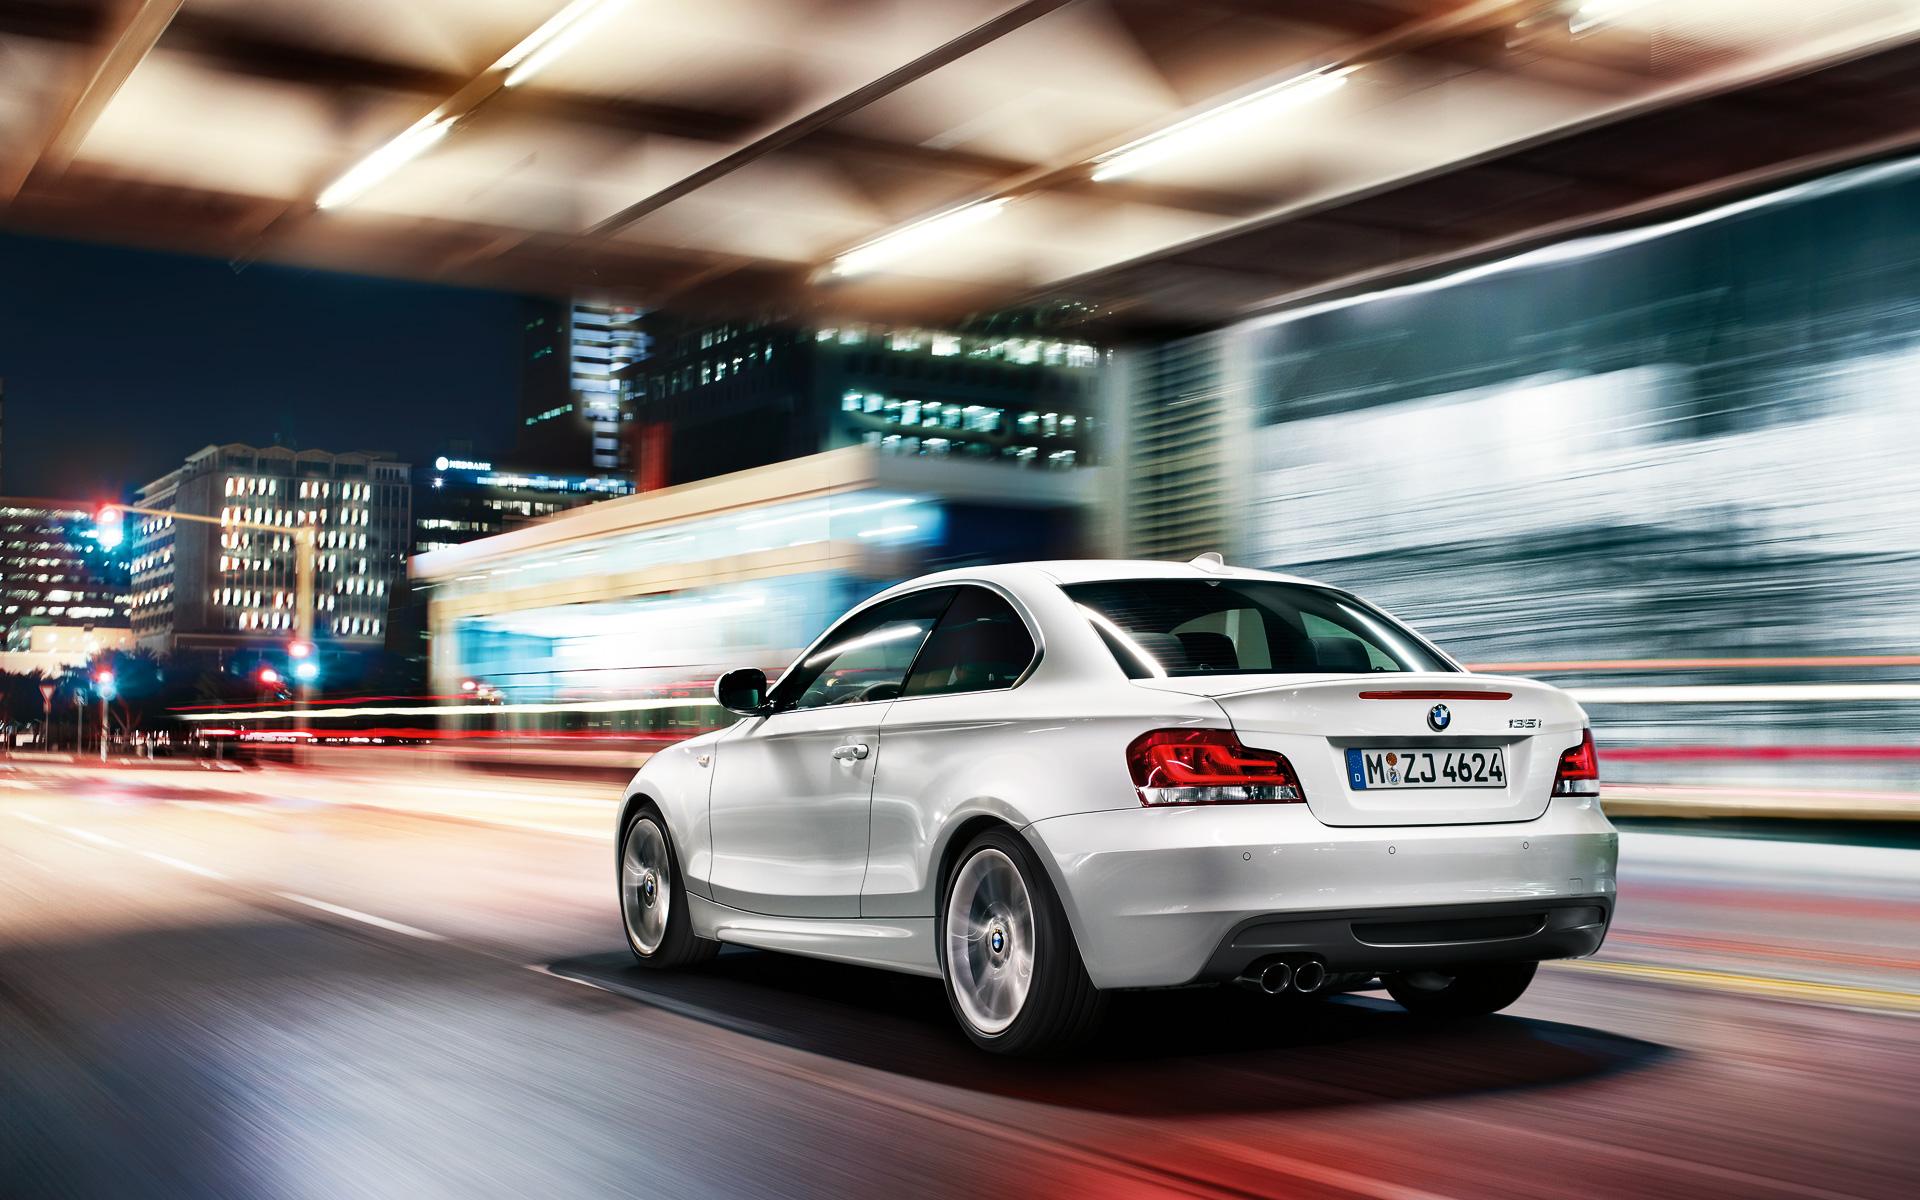 BMW 135i Wallpaper 05   [1920x1200] 1920x1200